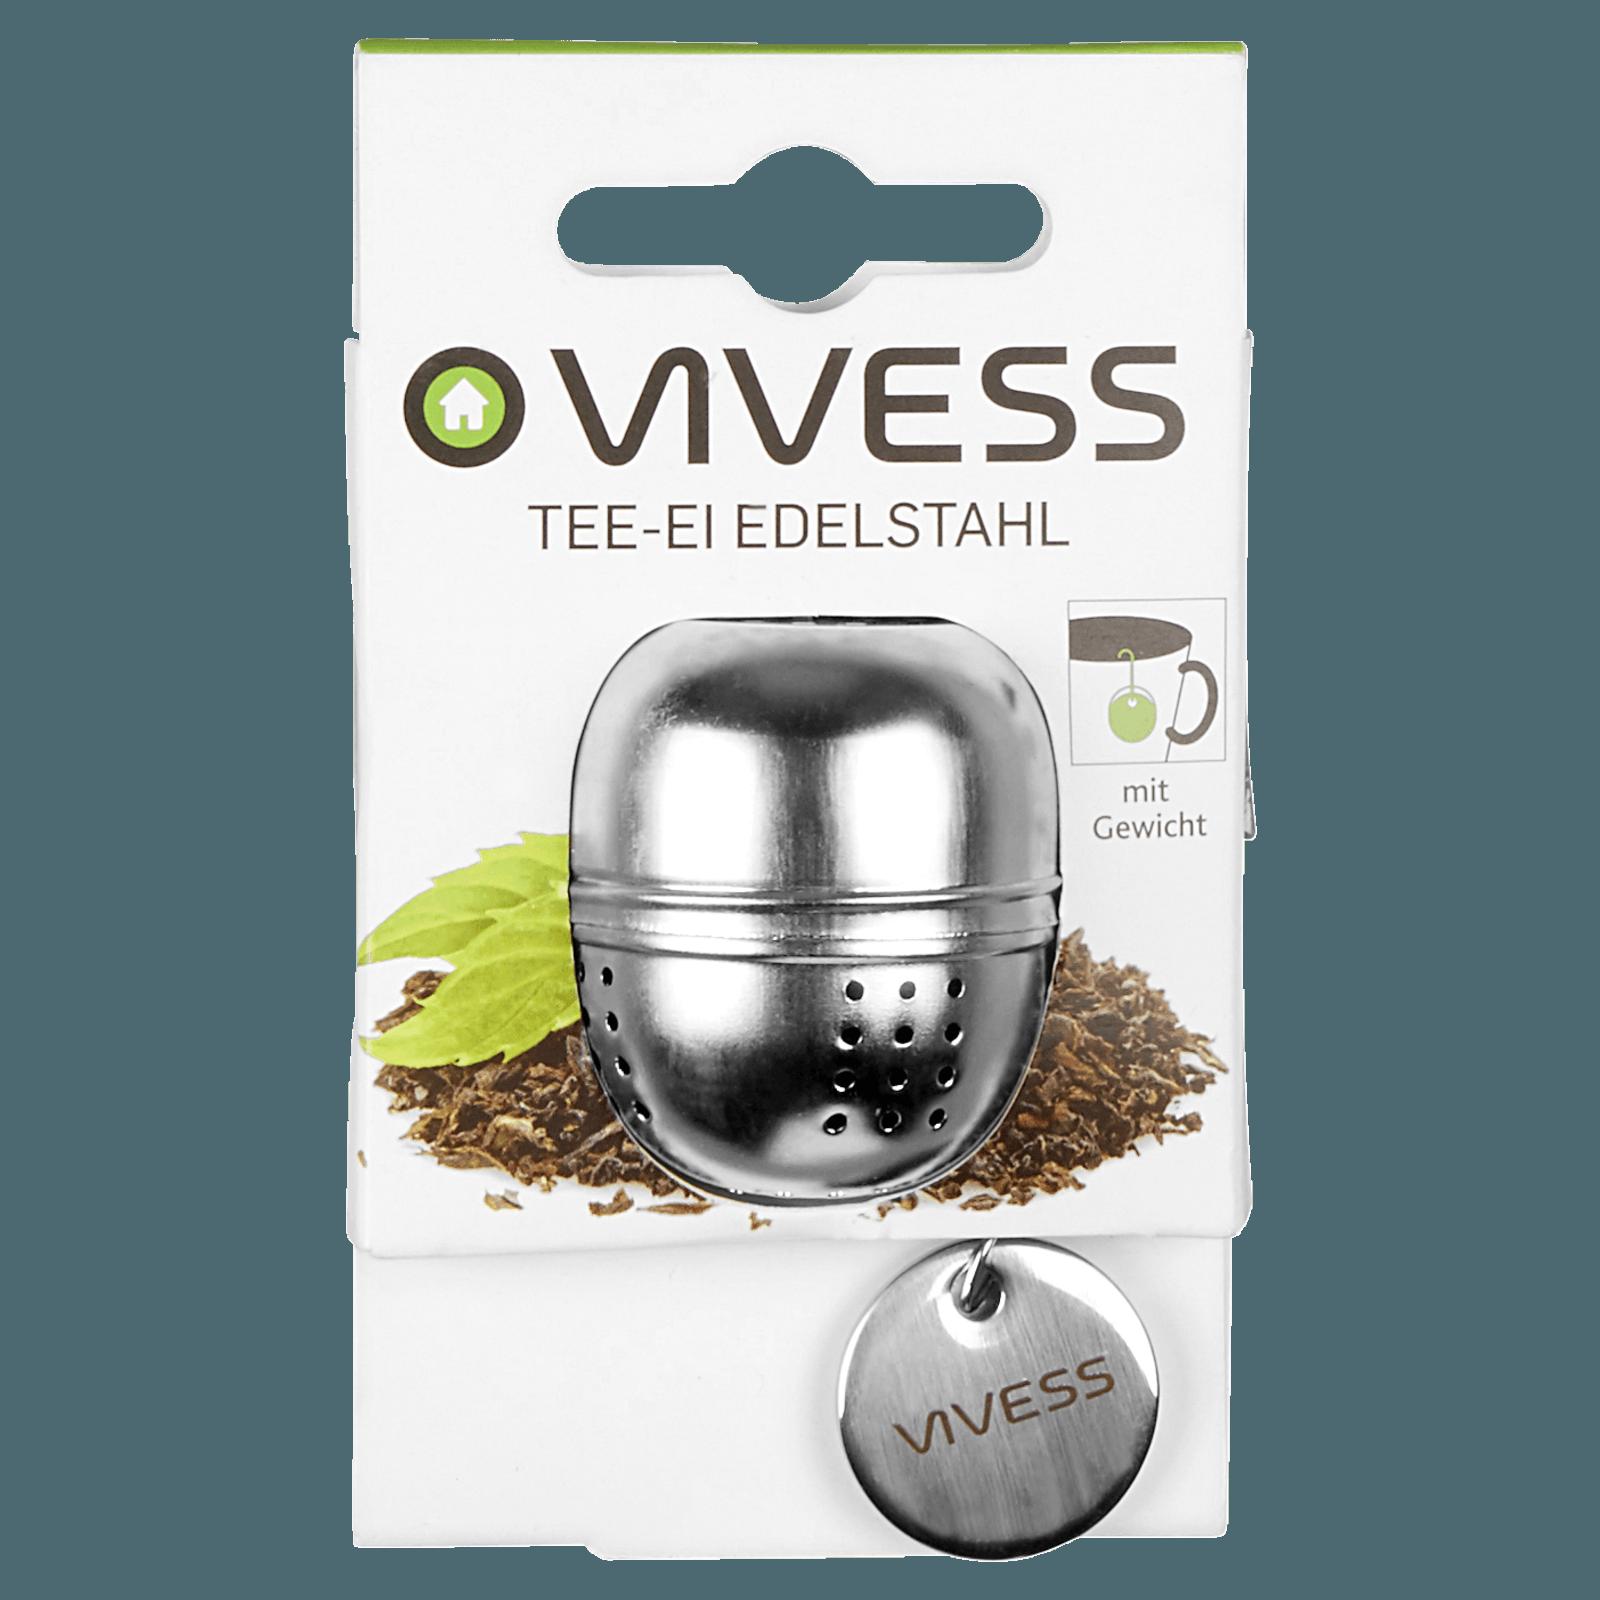 Vivess Tee-Ei-Edelstahl bei REWE online bestellen!